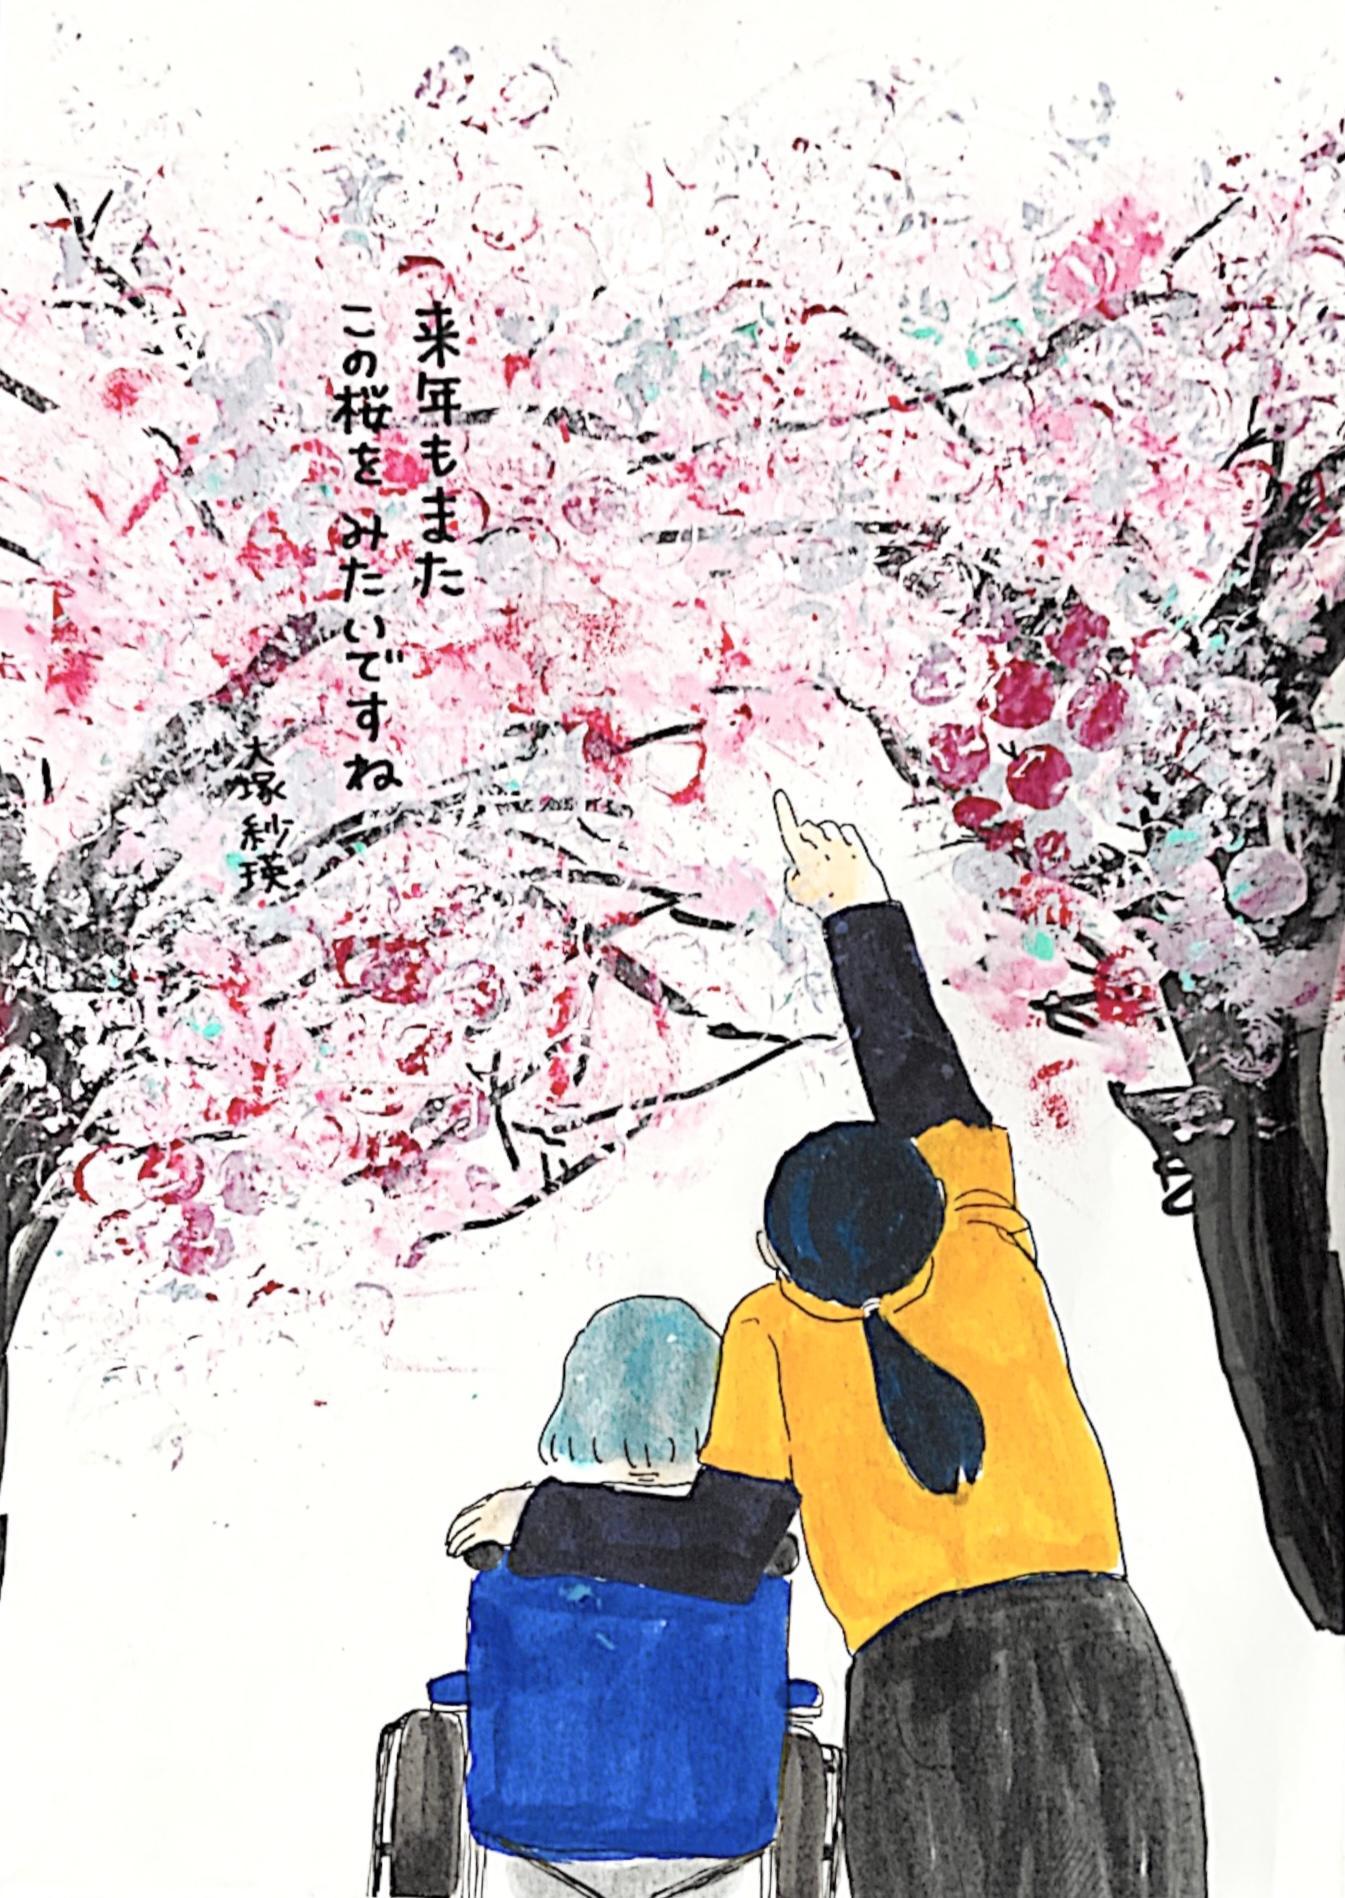 【連載】大塚紗瑛の介護絵日記『すいもあまいも』|第7話「桜とアタシ」